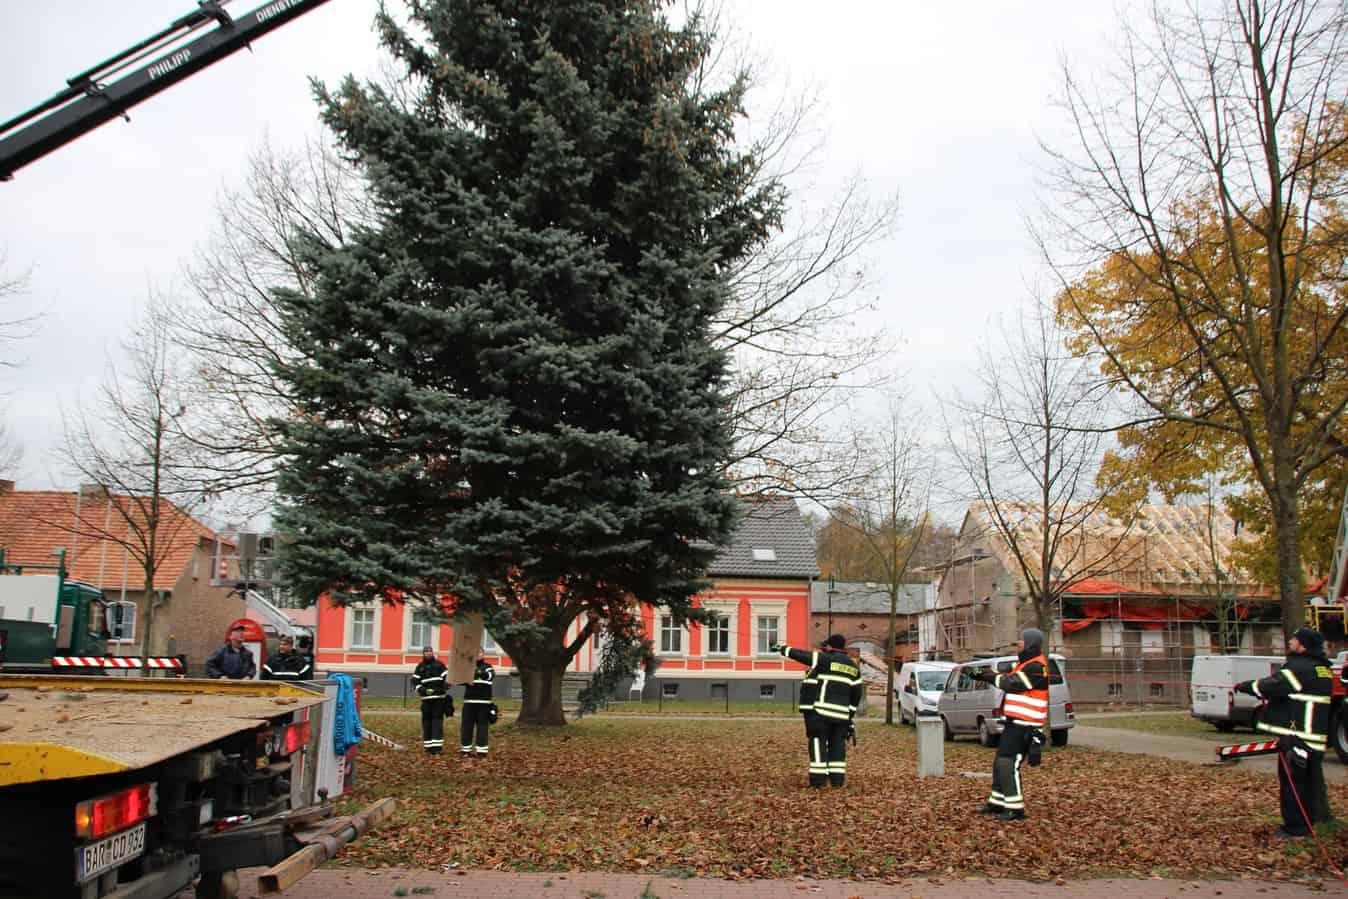 Weihnachtsbaum schwebte heute in Schwanebeck ein